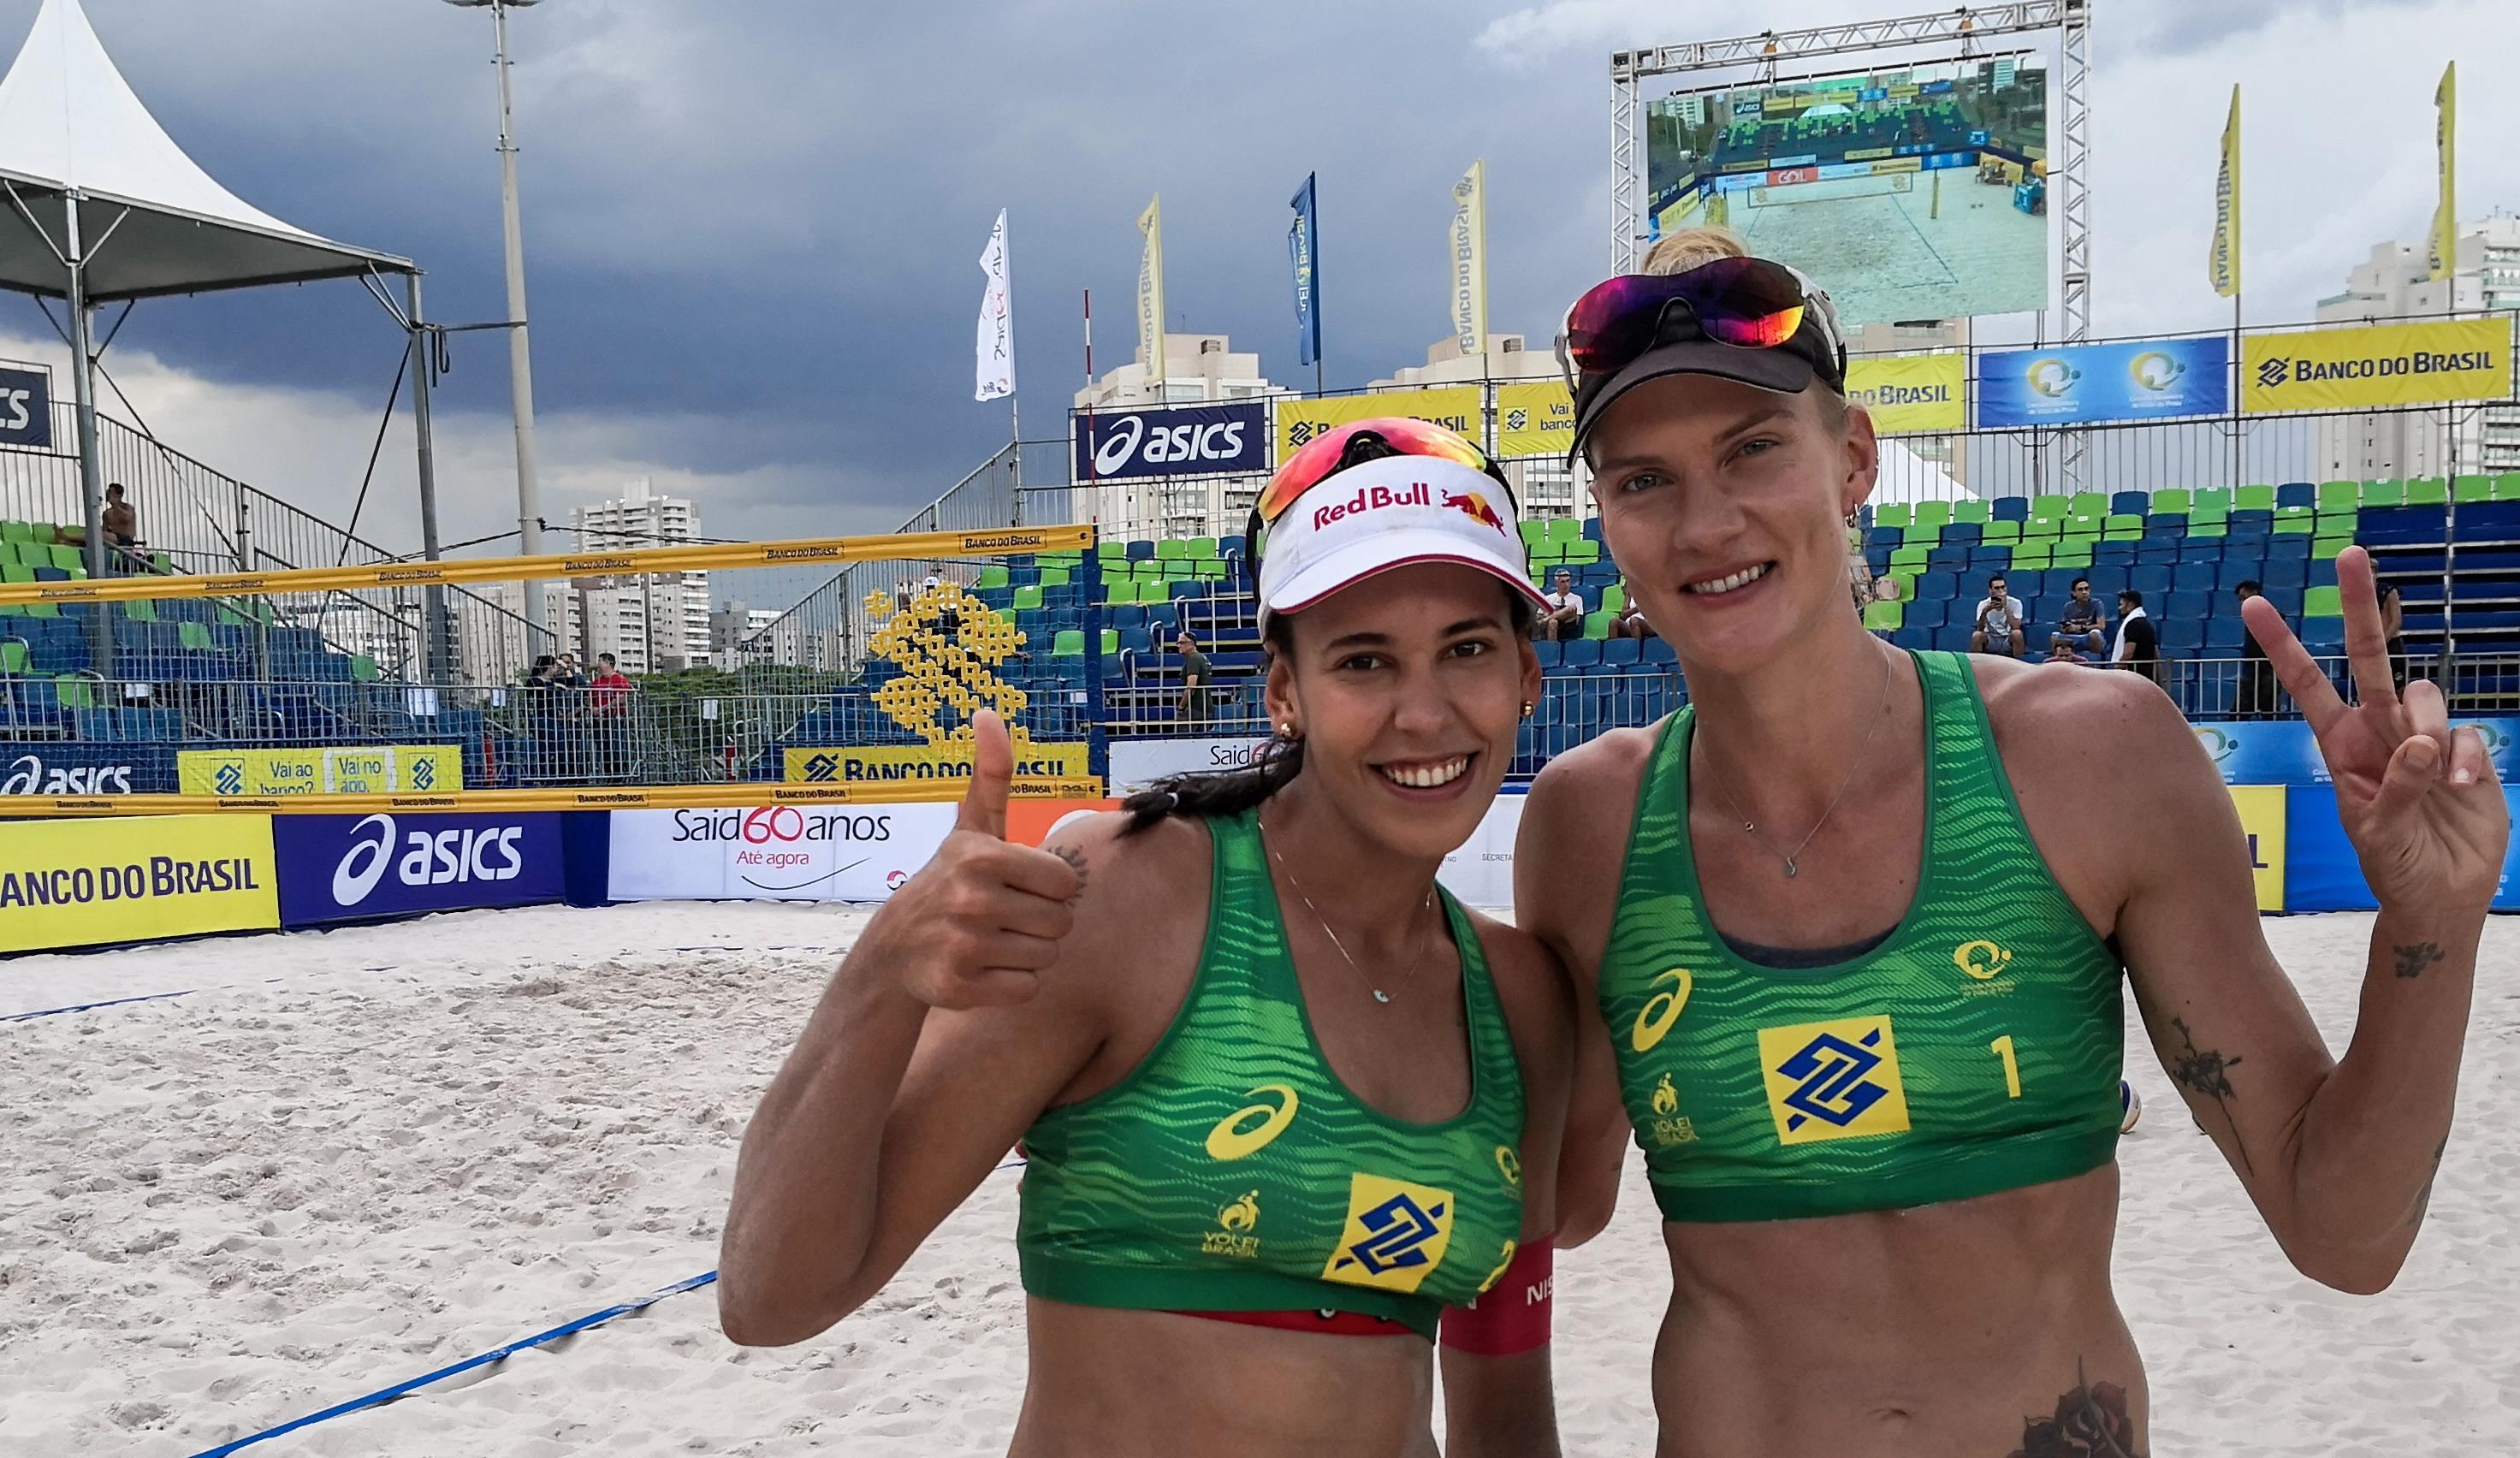 Mari estreia vencendo no vôlei de praia e avança com Duda em Ribeirão Preto